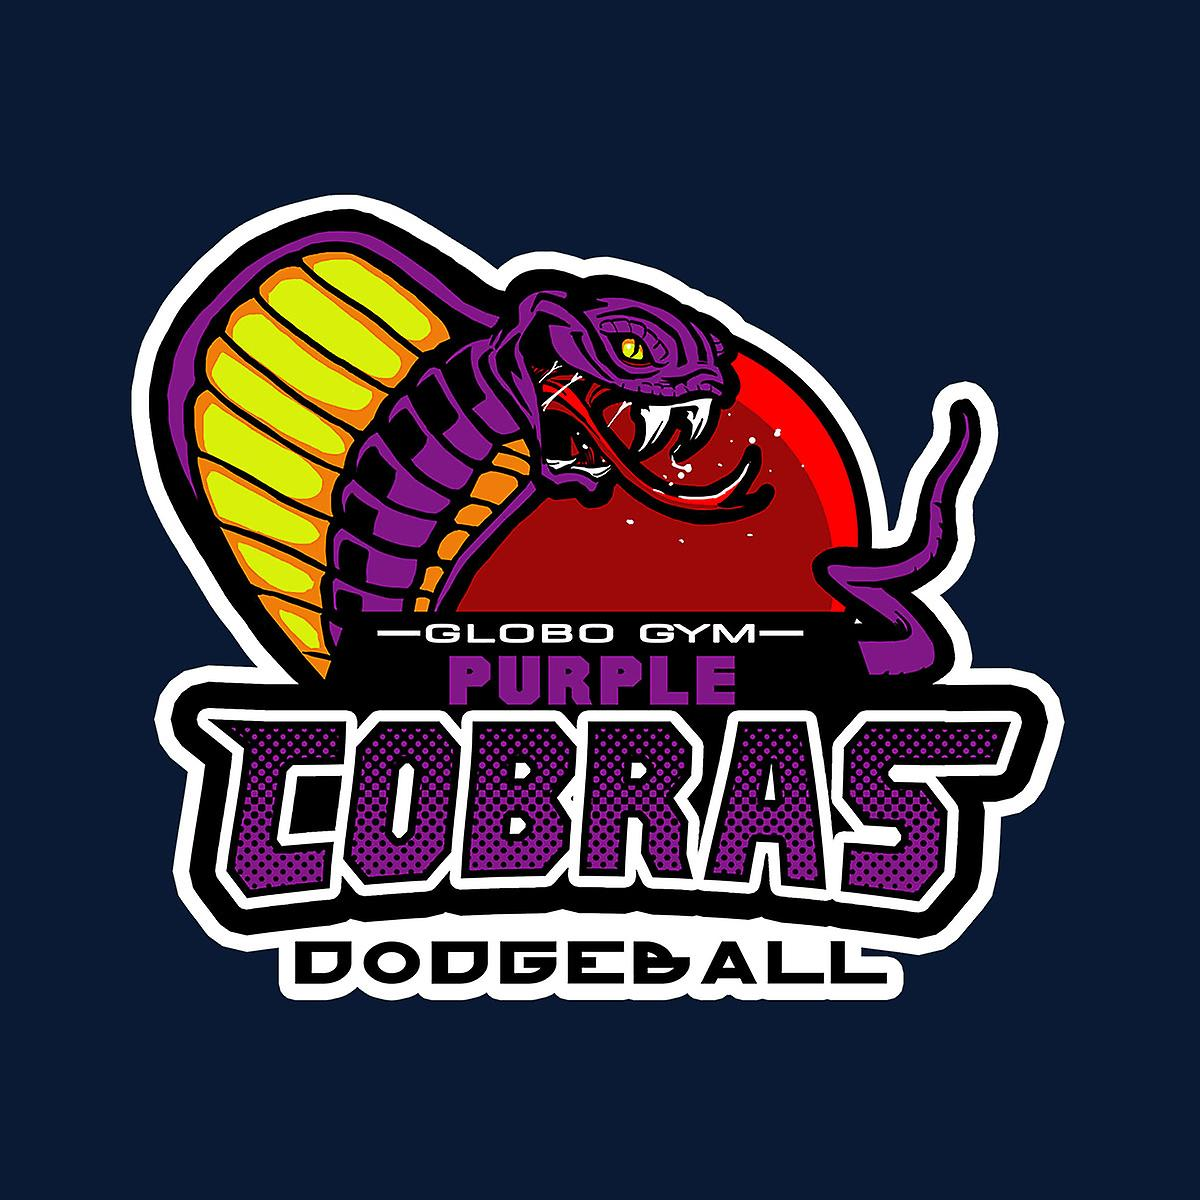 Purple Champs gilet Globo Gym violet «Cobras» Dodgeball féminine